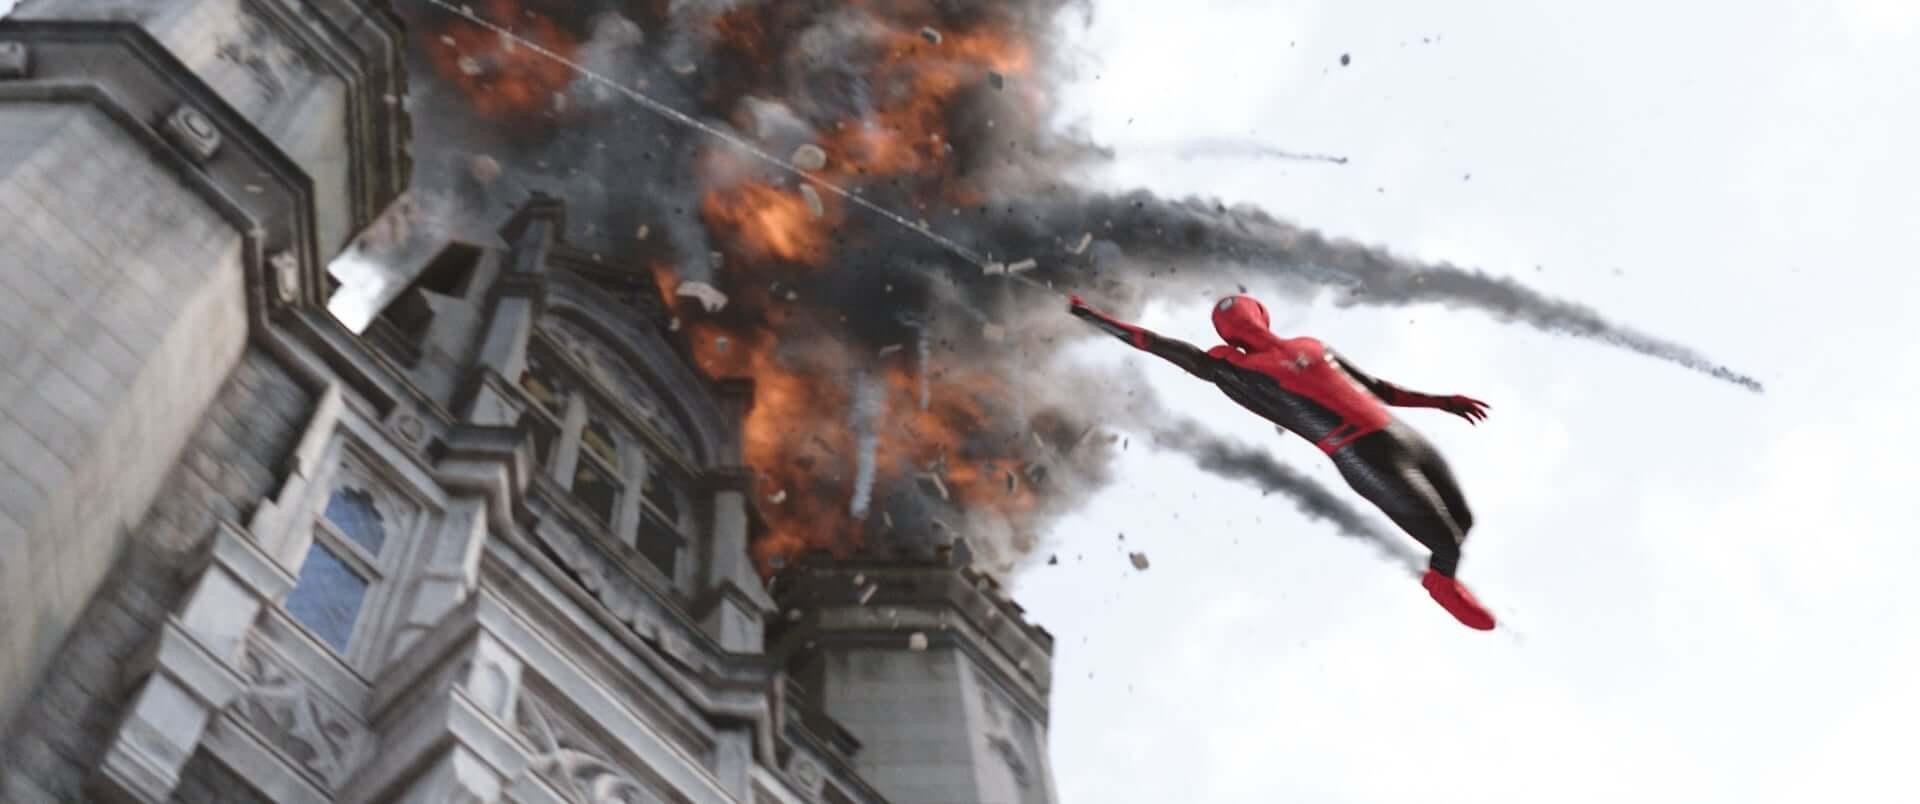 【最速レビュー/スパイダーマン:ファー・フロム・ホーム】ピーター・パーカー、そしてMCUはフェーズ4へと舵を取った film190627_sffh_review_4-1920x804